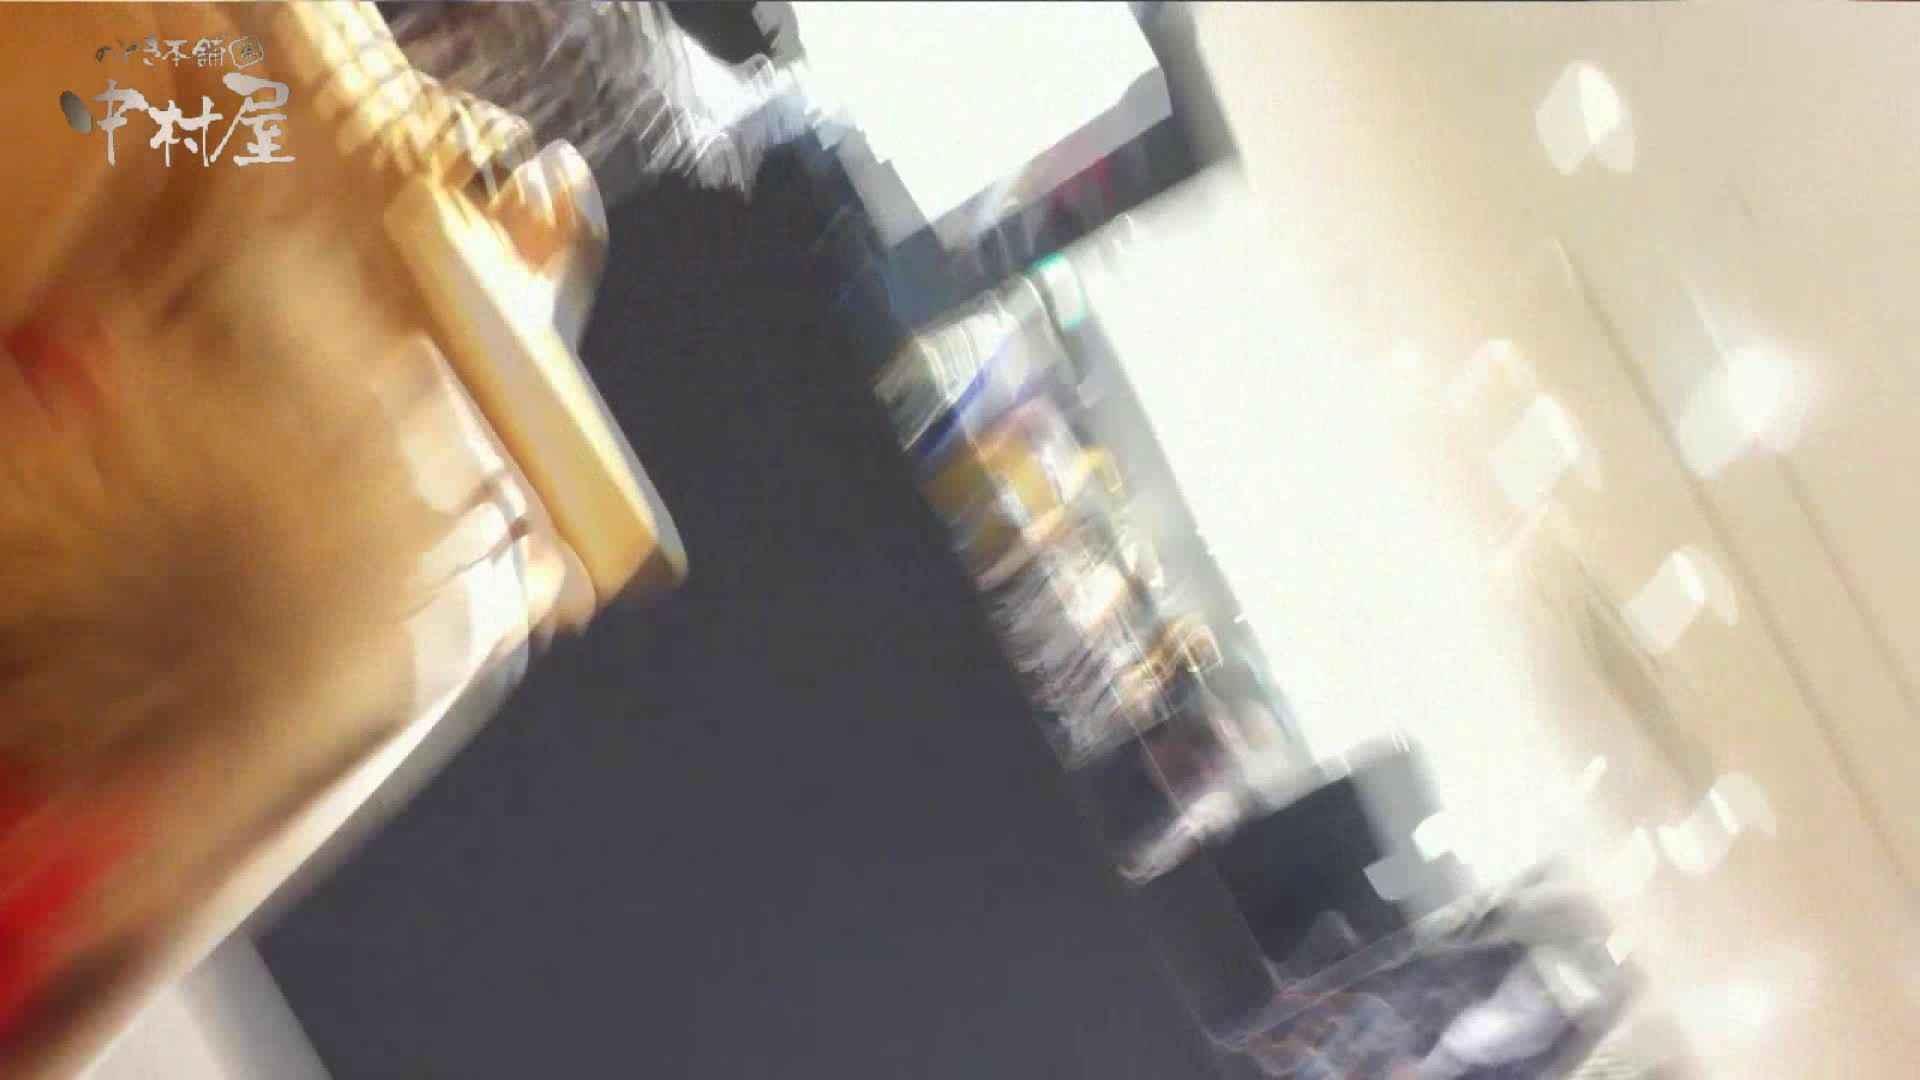 vol.83 美人アパレル胸チラ&パンチラ 赤Tバック店員さんいらっしゃい チラ | 胸チラ  94PIX 53